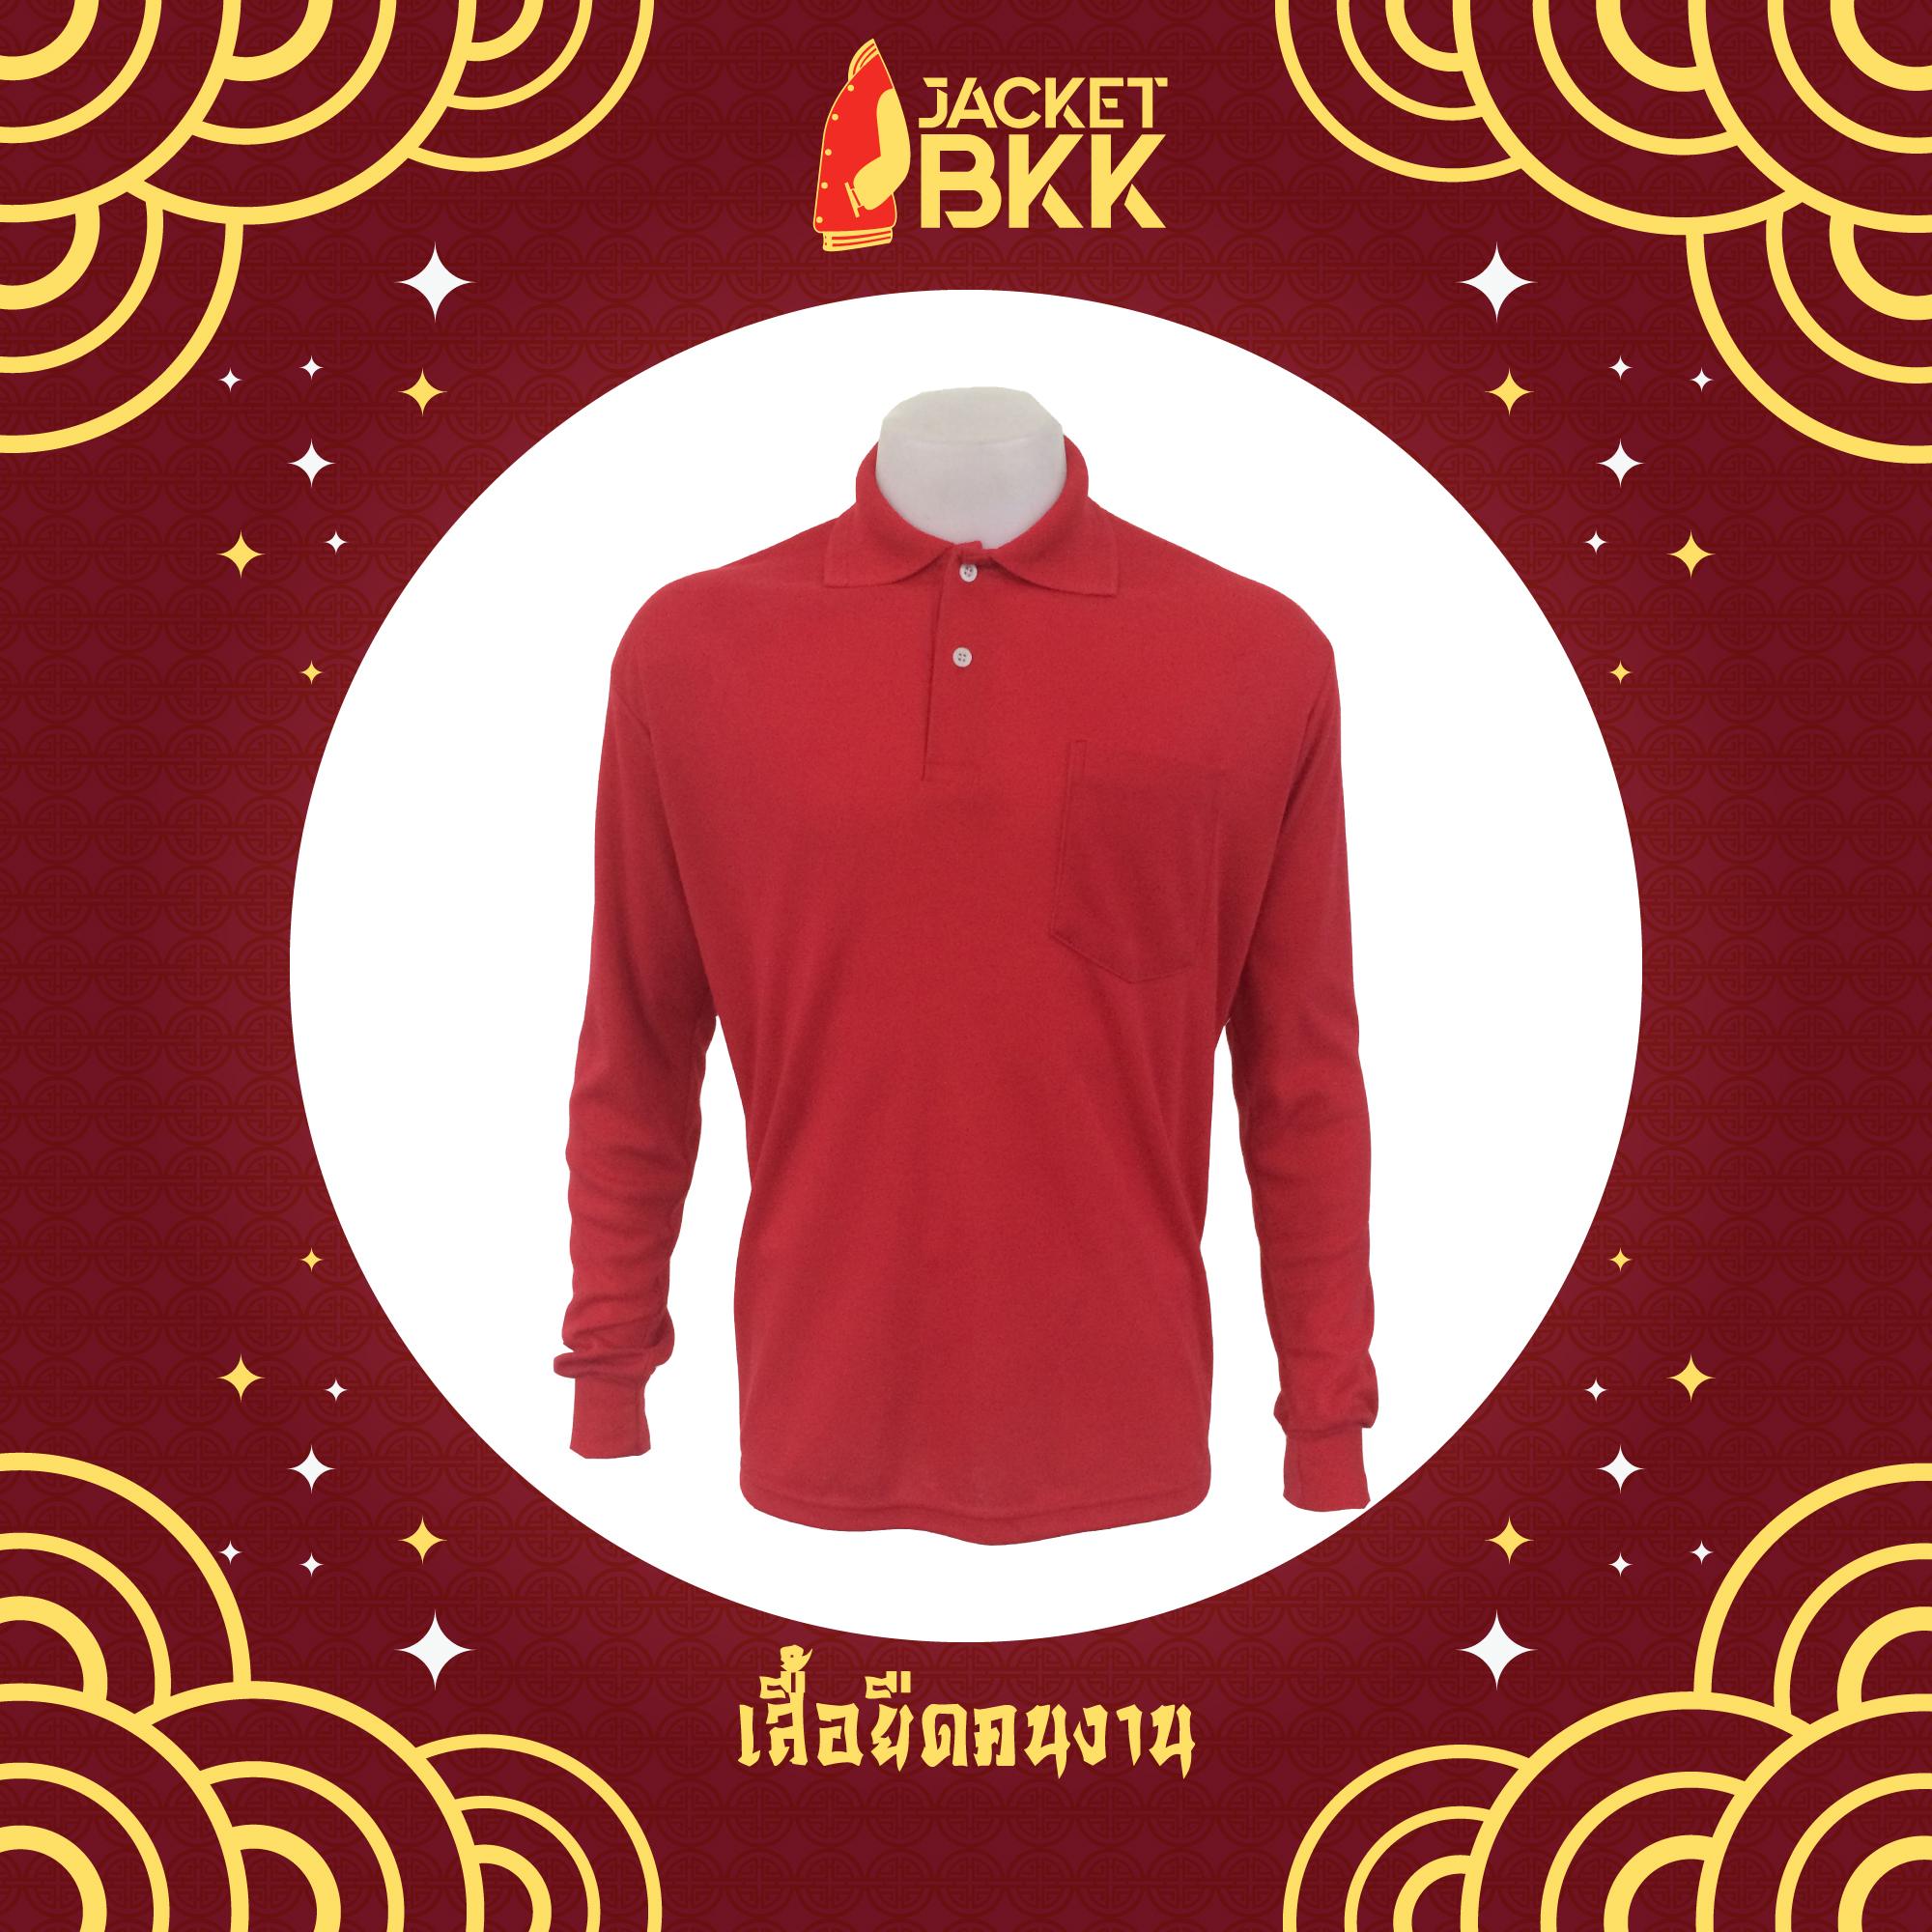 ทำไมต้องใส่เสื้อผ้าสีแดงในวันตรุษจีน